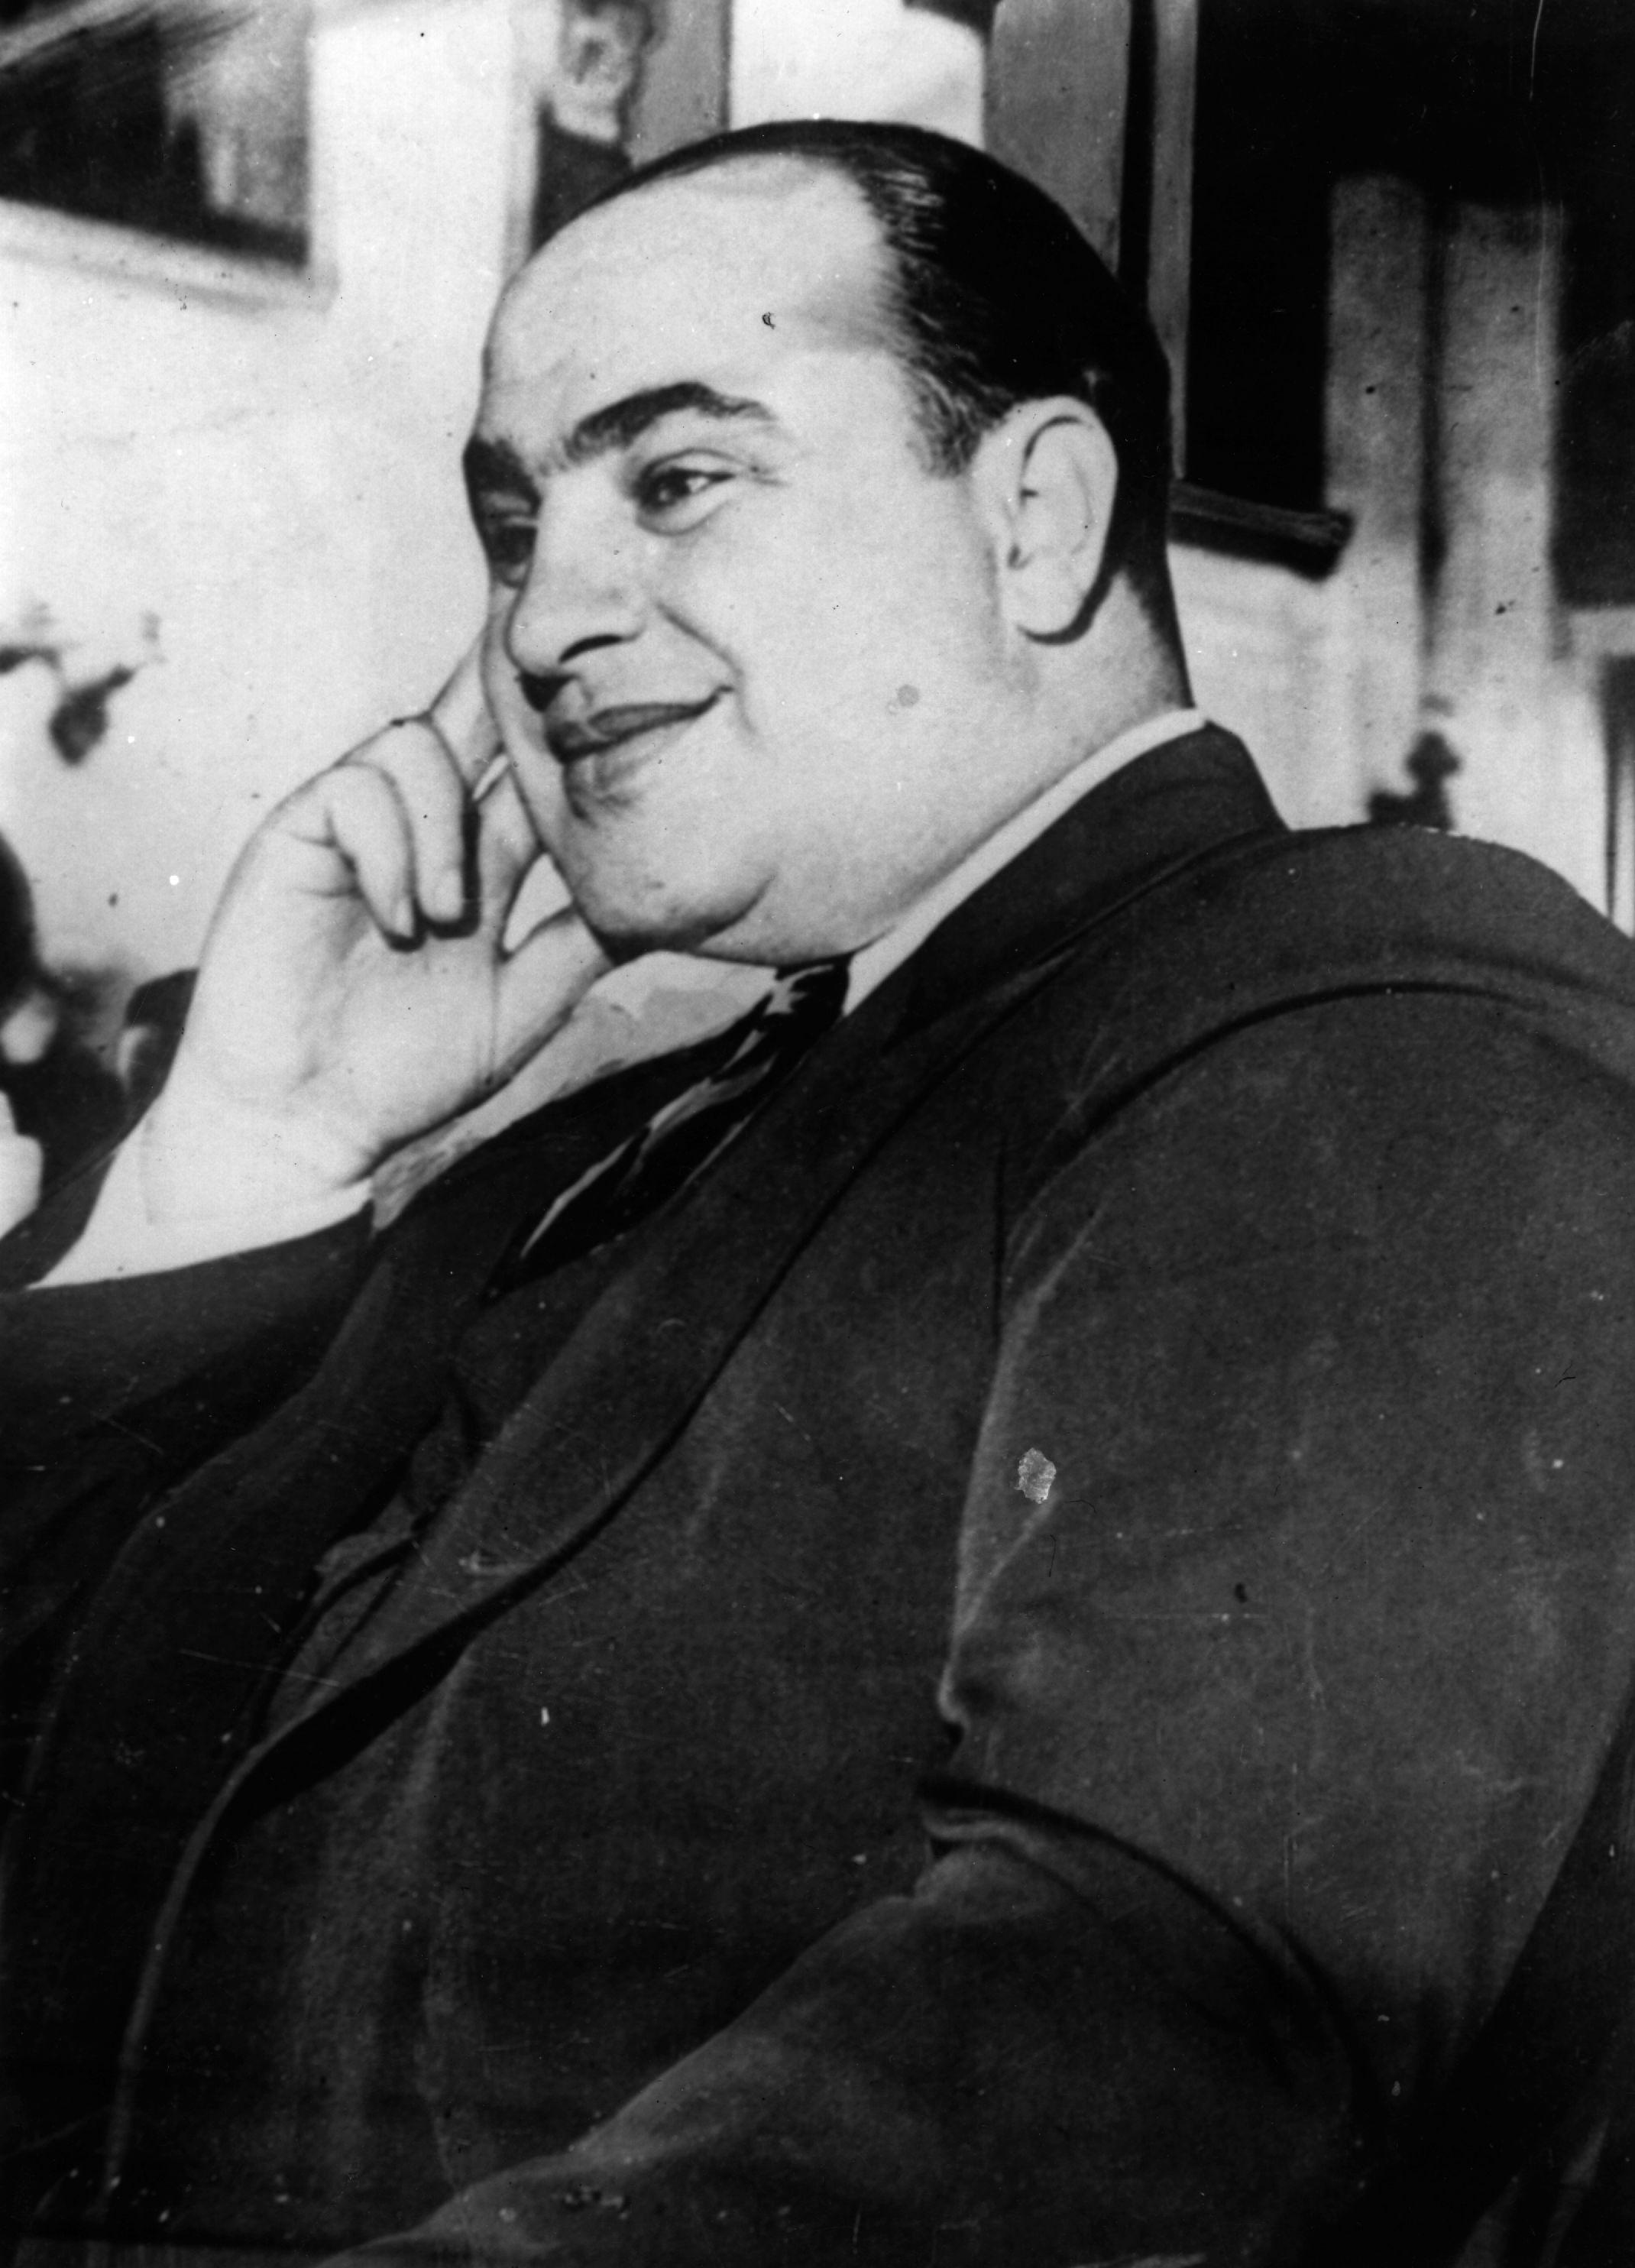 La Capone Wallpaper - Viewing Gallery